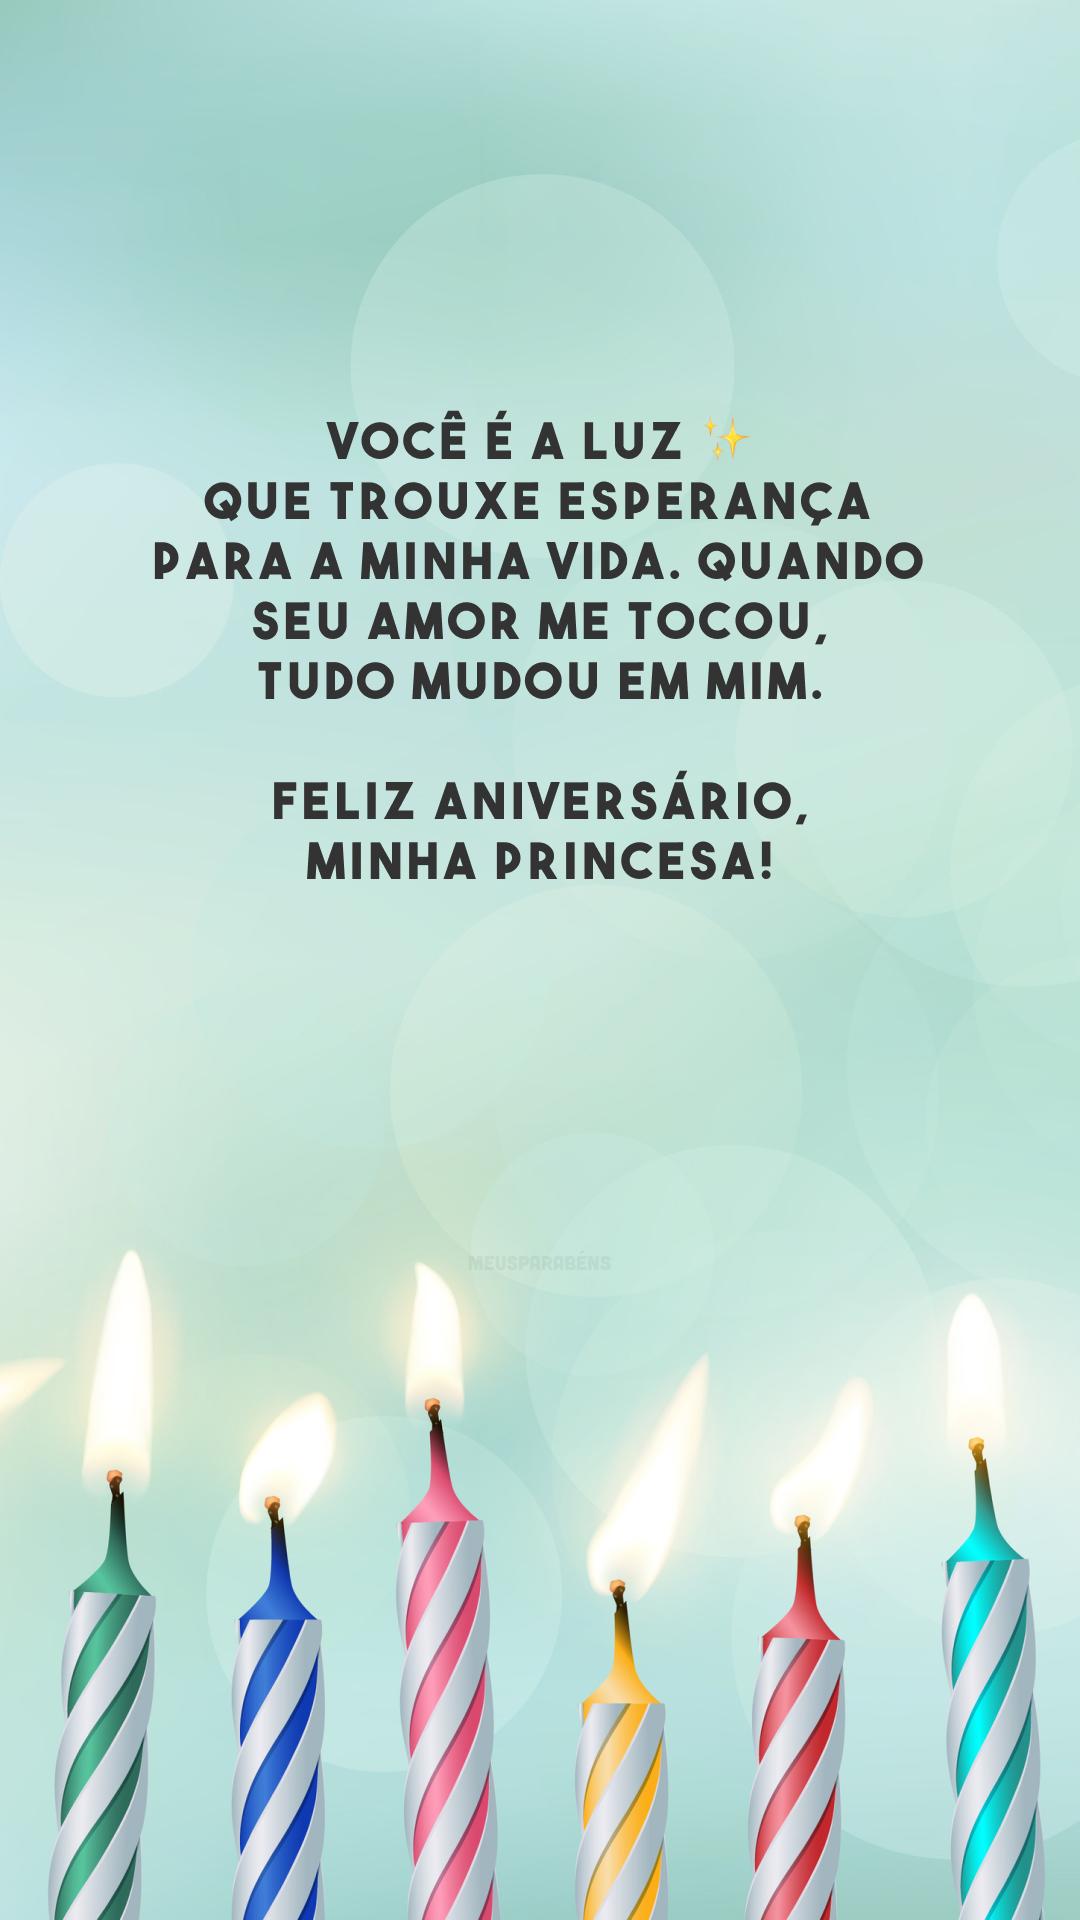 Você é a luz ✨ que trouxe esperança para a minha vida. Quando seu amor me tocou, tudo mudou em mim. Feliz aniversário, minha princesa!